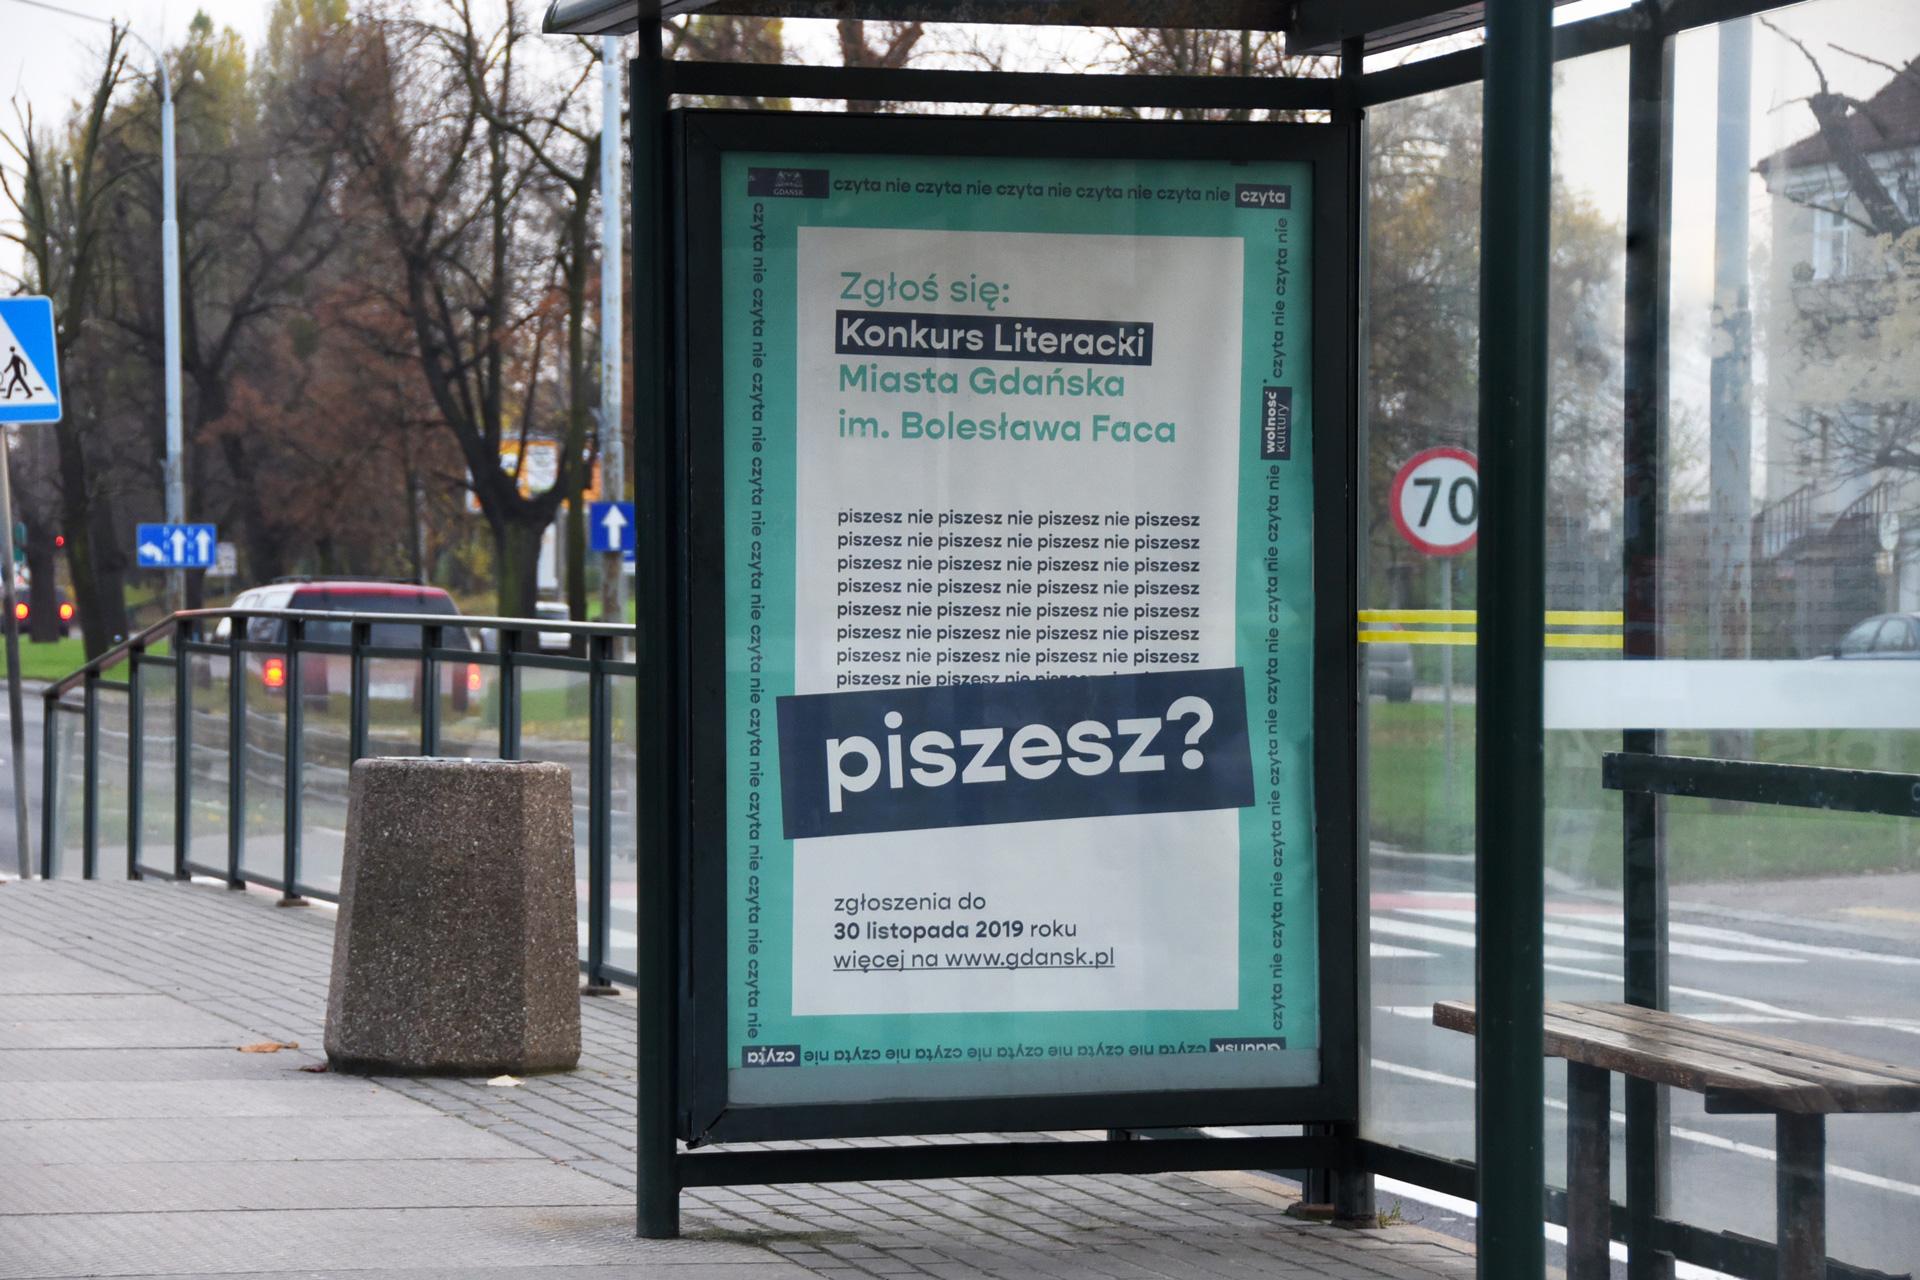 urząd miasta kultura projekty plakaty